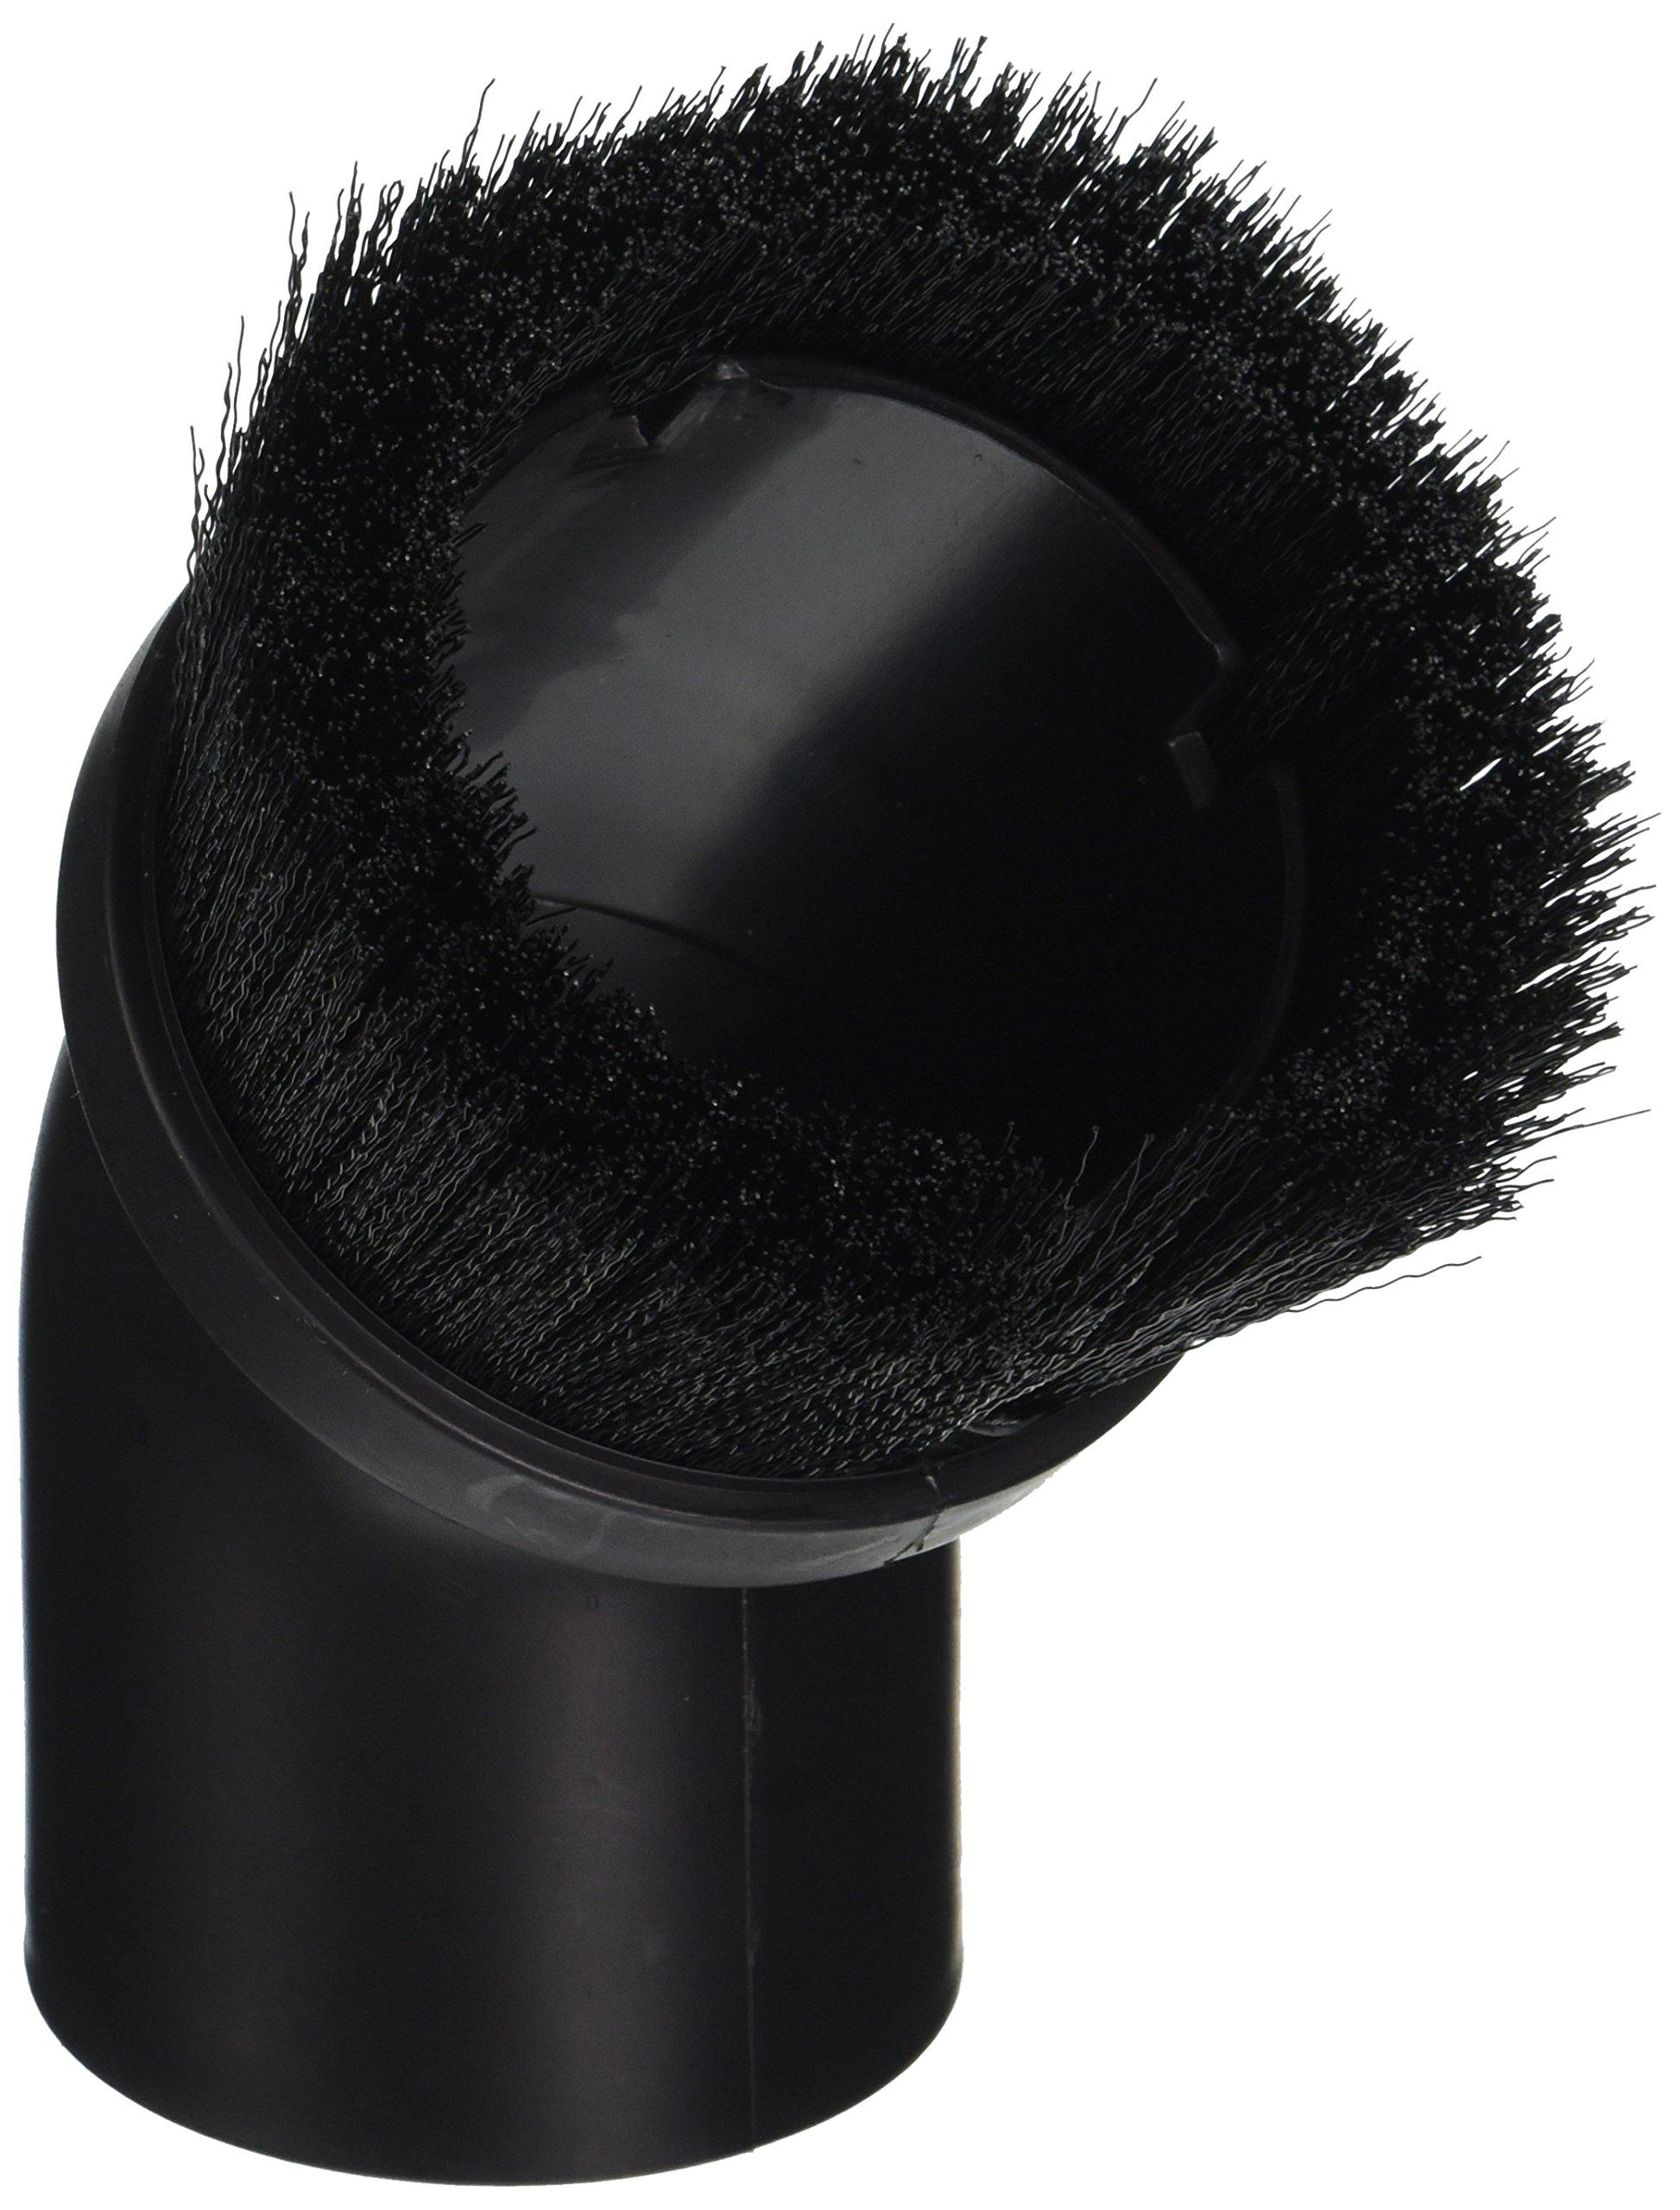 Craftsman 9-37413 Dust Brush, Accessory for 2-1/2'' Diameter Wet/Dry Vacuum